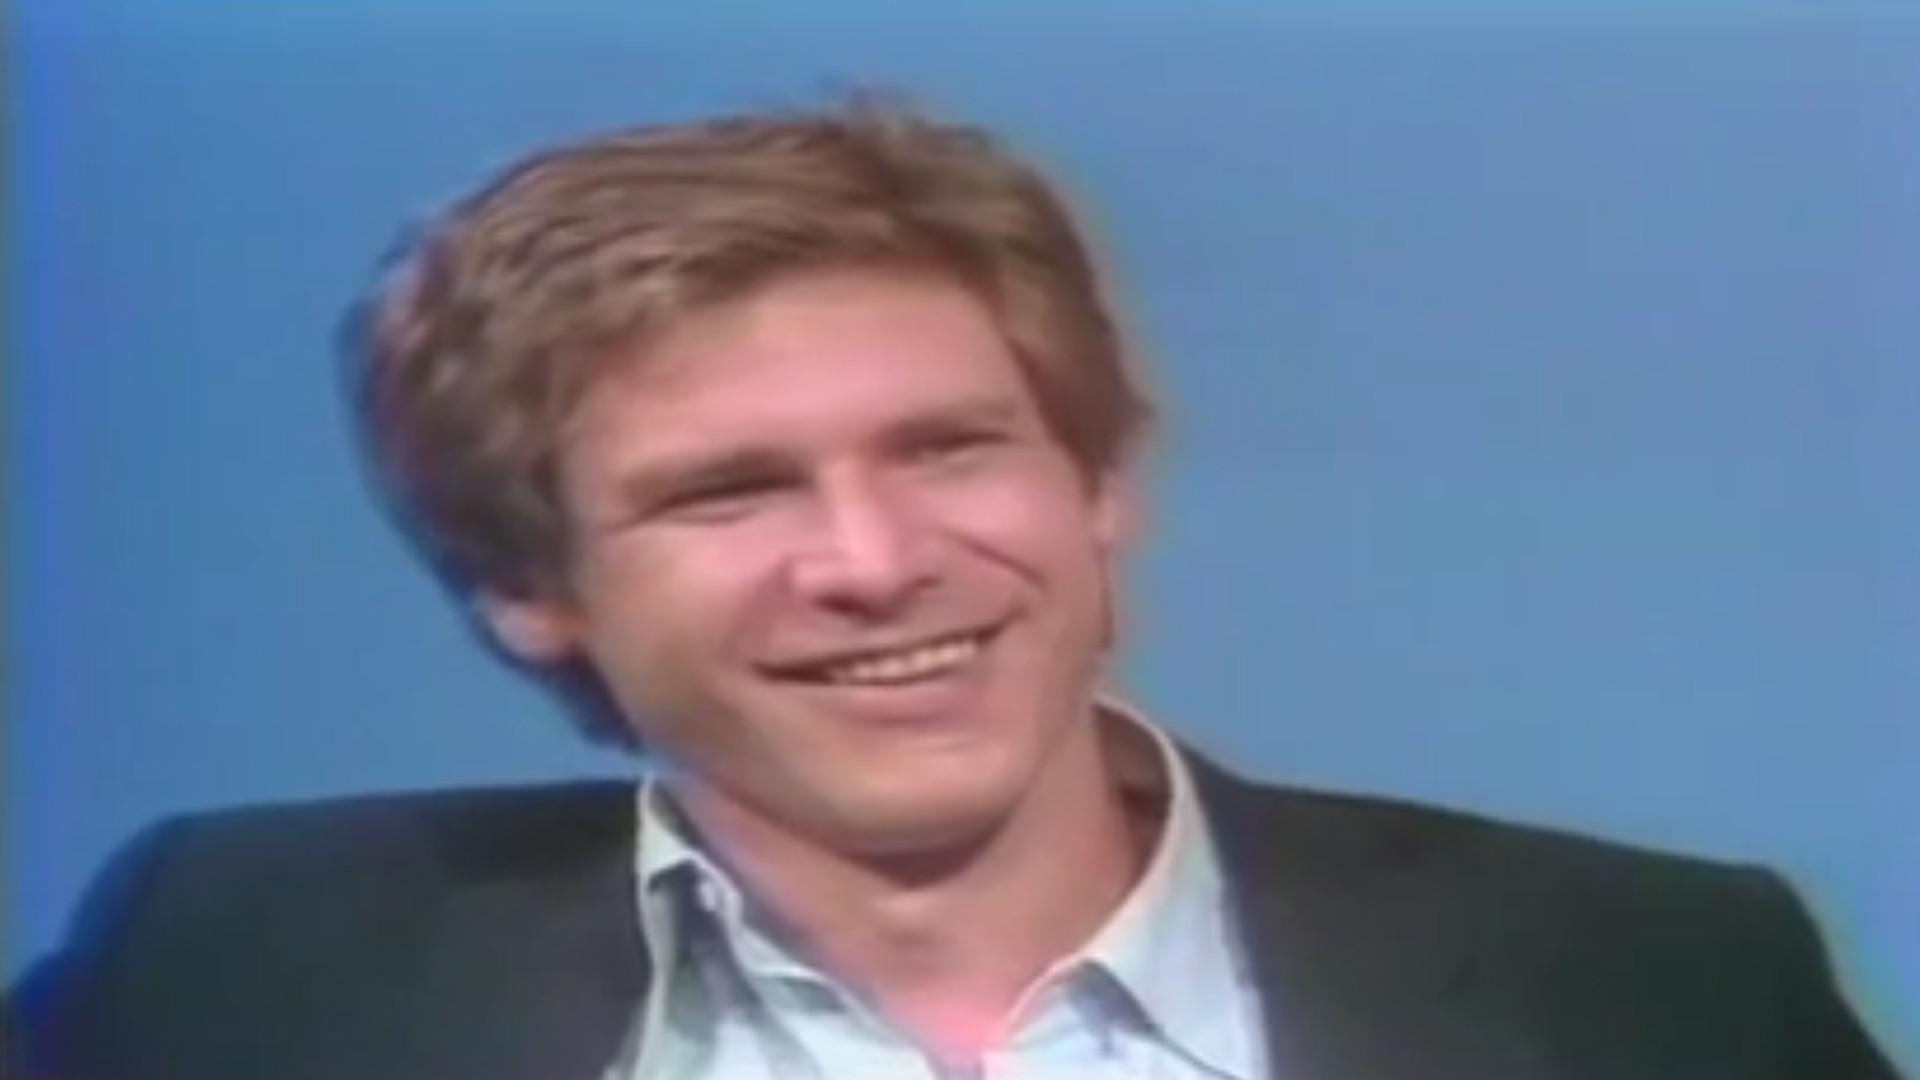 Zum 75. Geburtstag: So lief das erste TV-Interview von Harrison Ford